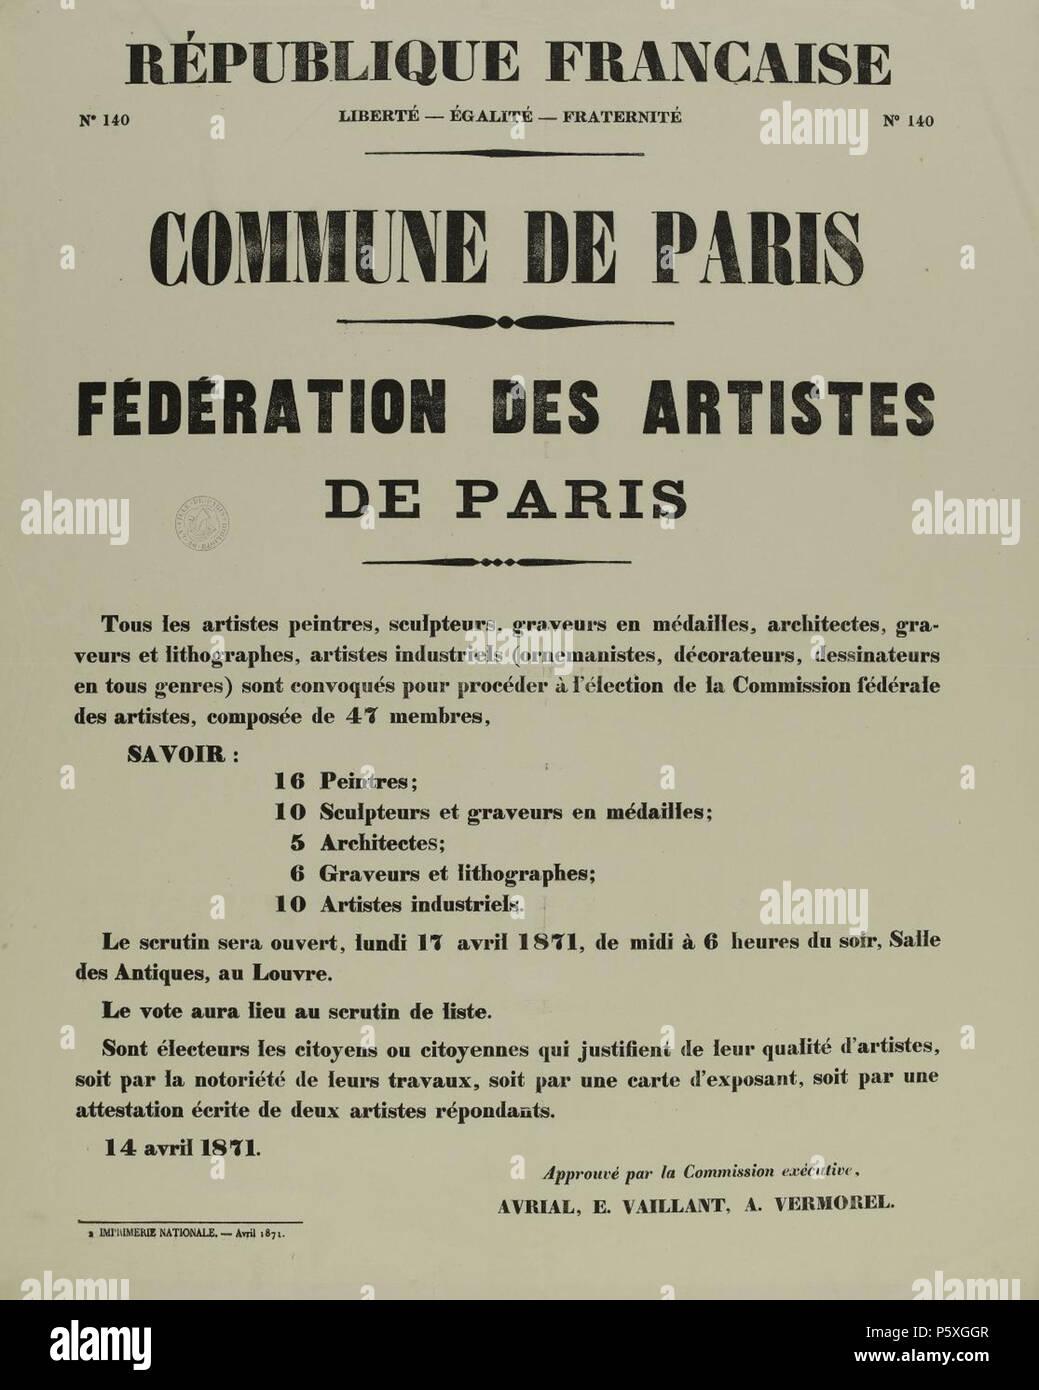 372 Commune de Paris, élection de la commission fédérale des artistes (1871-04-14) - Stock Image